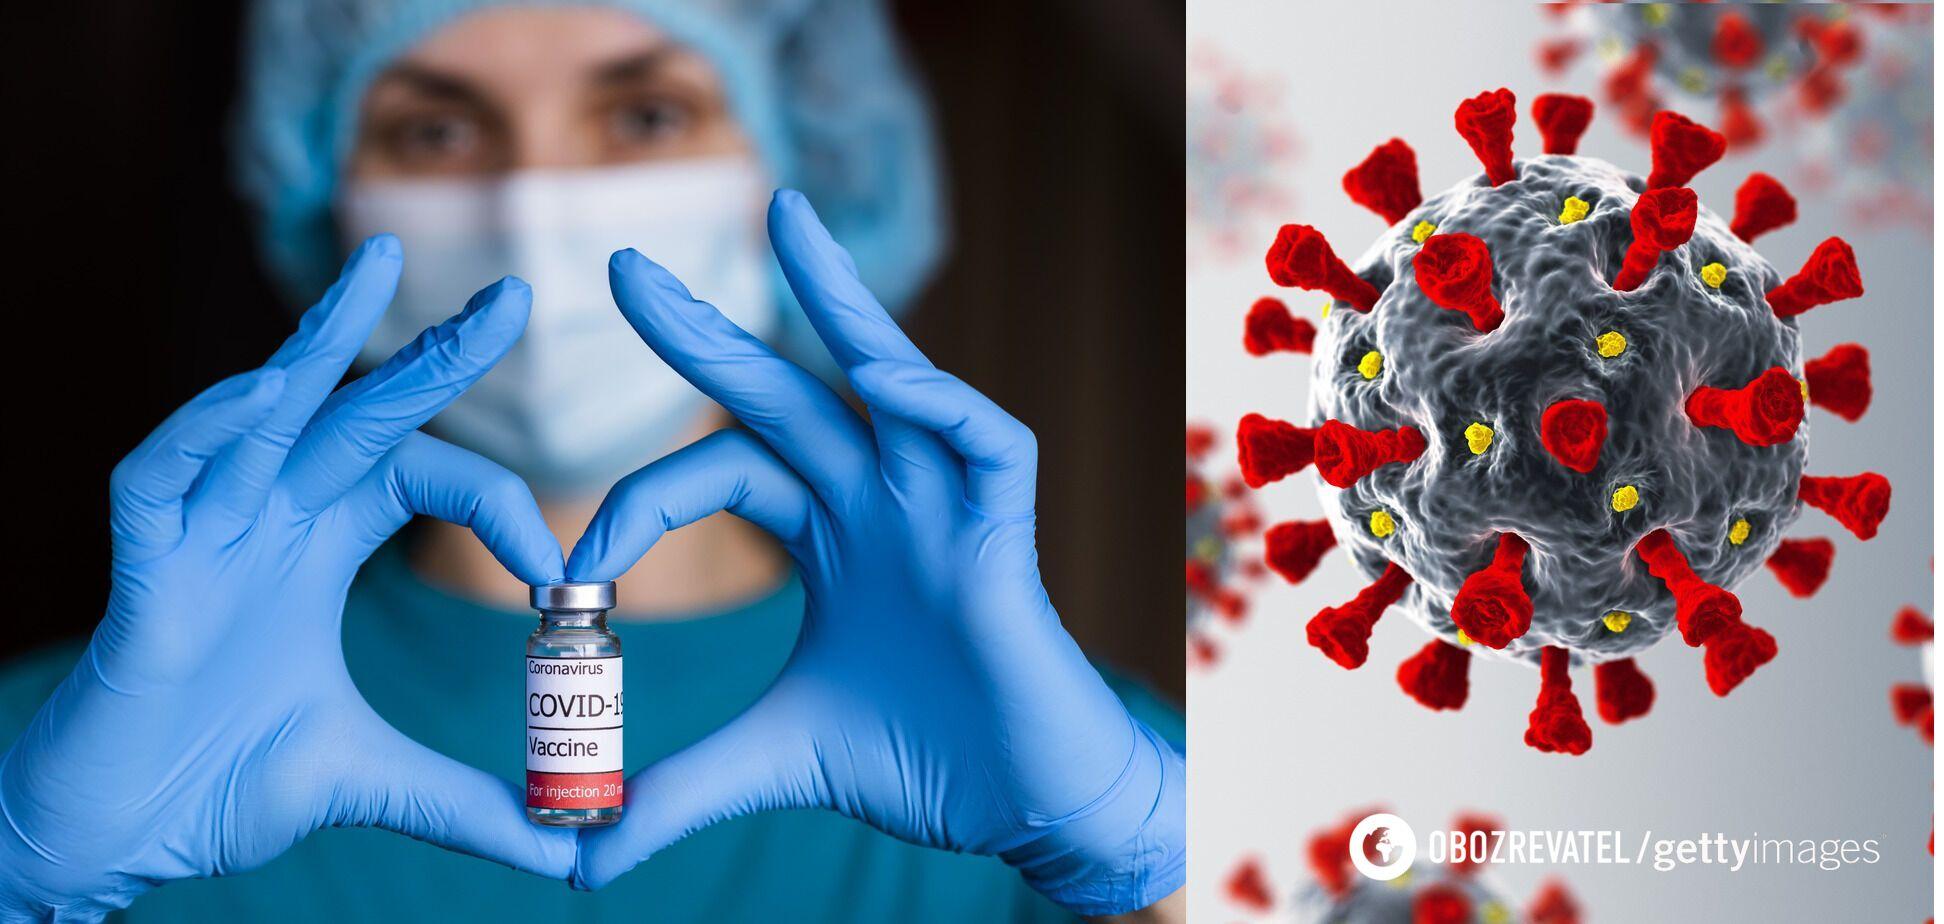 Вакцинація дає додаткові антитіла до природного імунітету від COVID-19